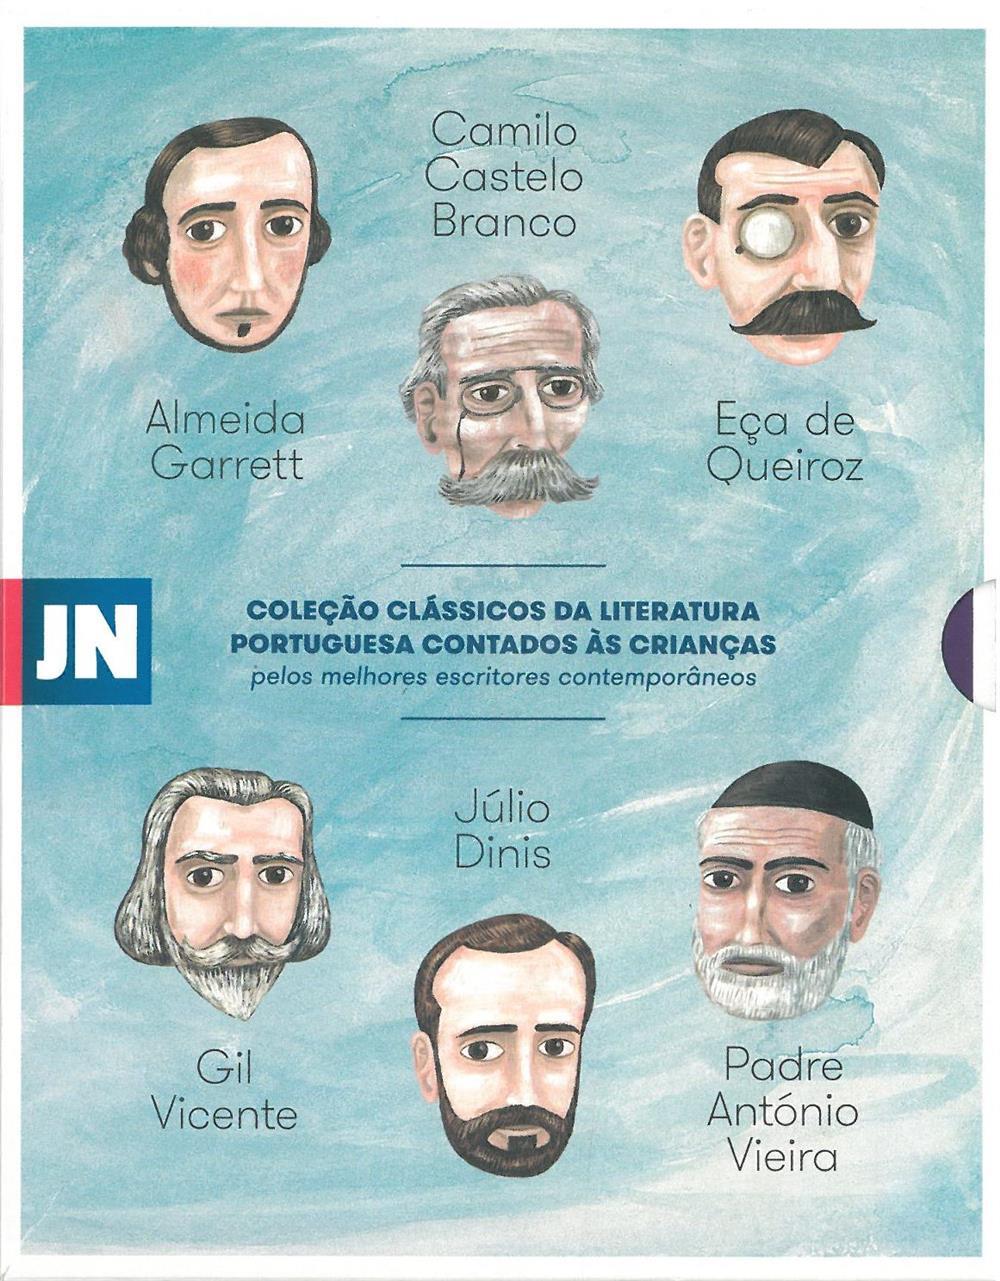 Clássicos da literatura portuguesa contados às crianças_.jpg